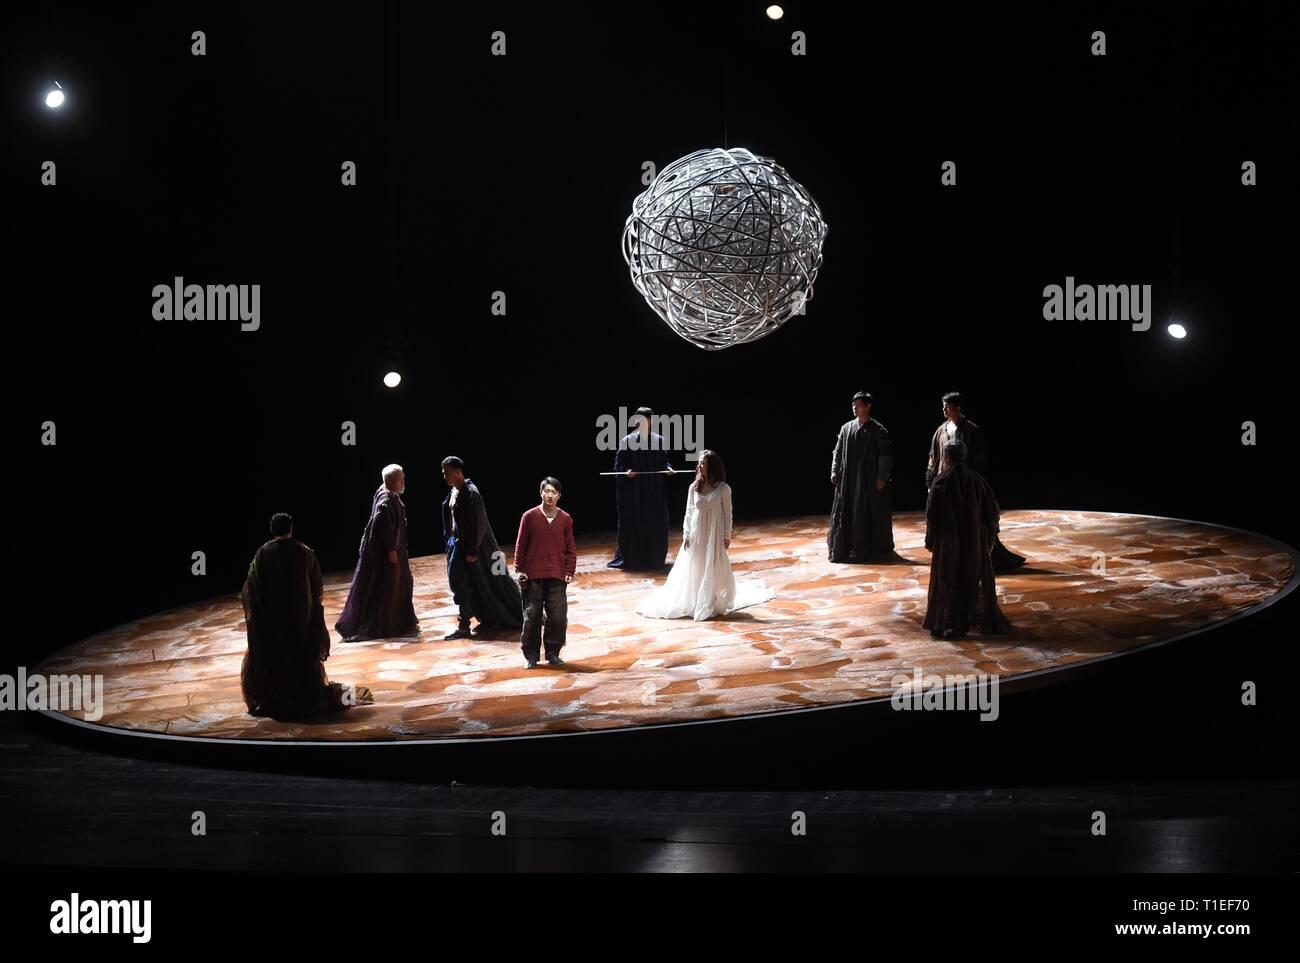 f4c6f034e81582 (190326) -- Pechino, 26 marzo 2019 (Xinhua) -- Shakespeare 'Hamlet' viene  eseguita presso il Centro Nazionale per le Arti ...